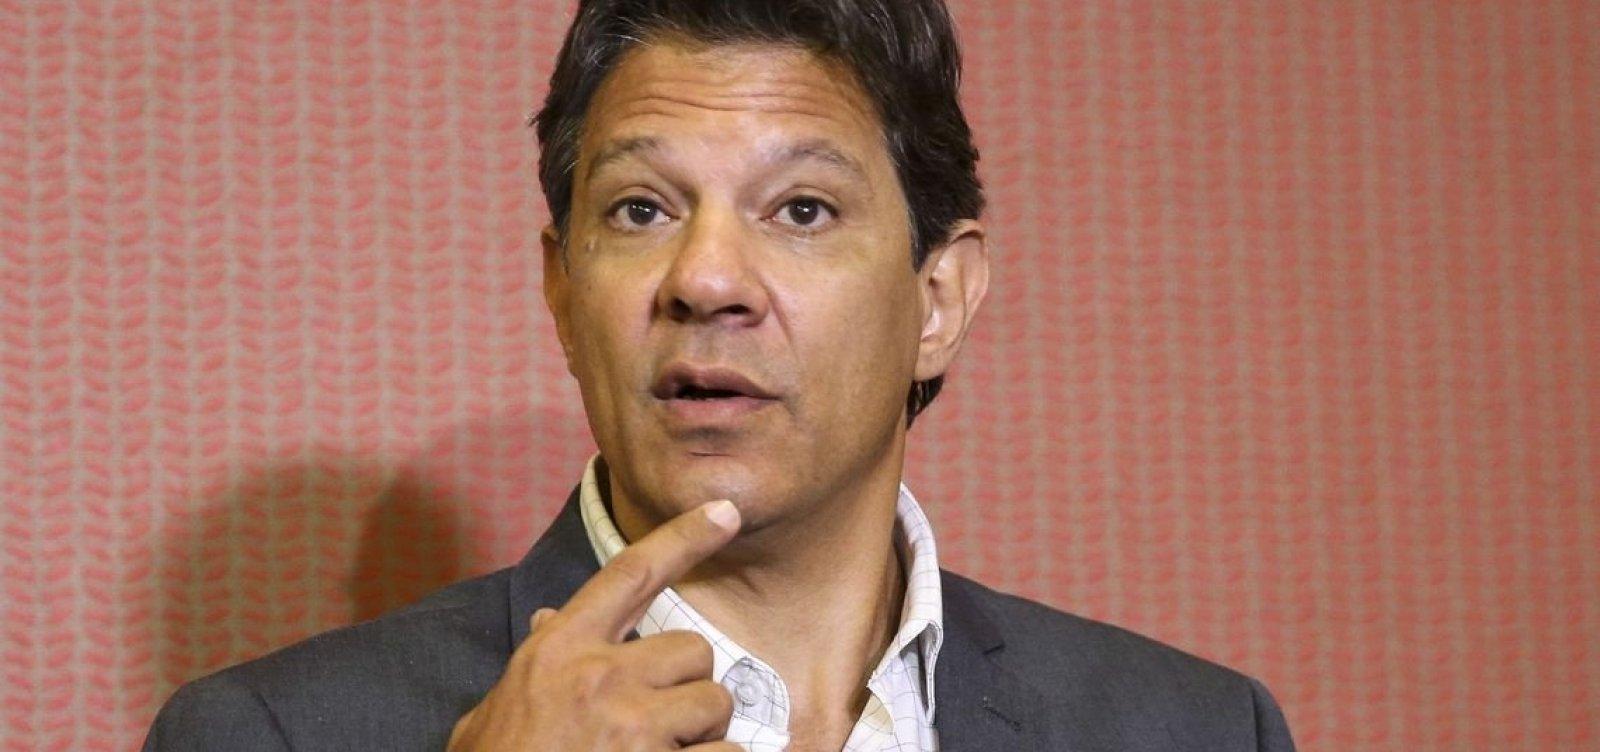 [Haddad admite que diretores 'ficaram soltos para promover corrupção' em governos do PT]